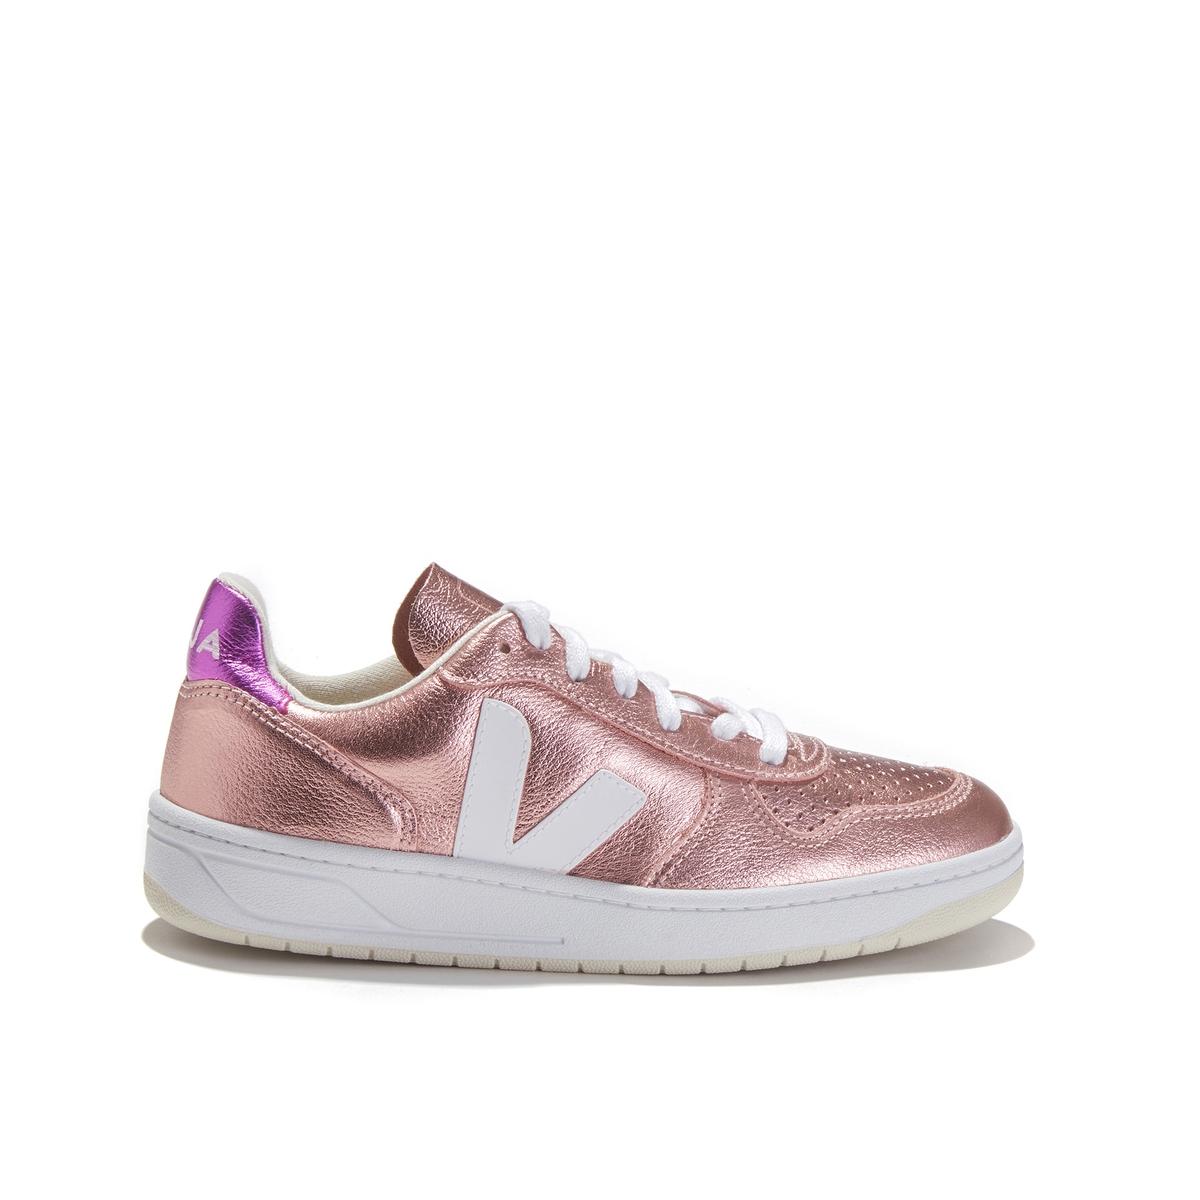 цена Кеды La Redoute С металлическим блеском на шнуровке V- 39 розовый онлайн в 2017 году